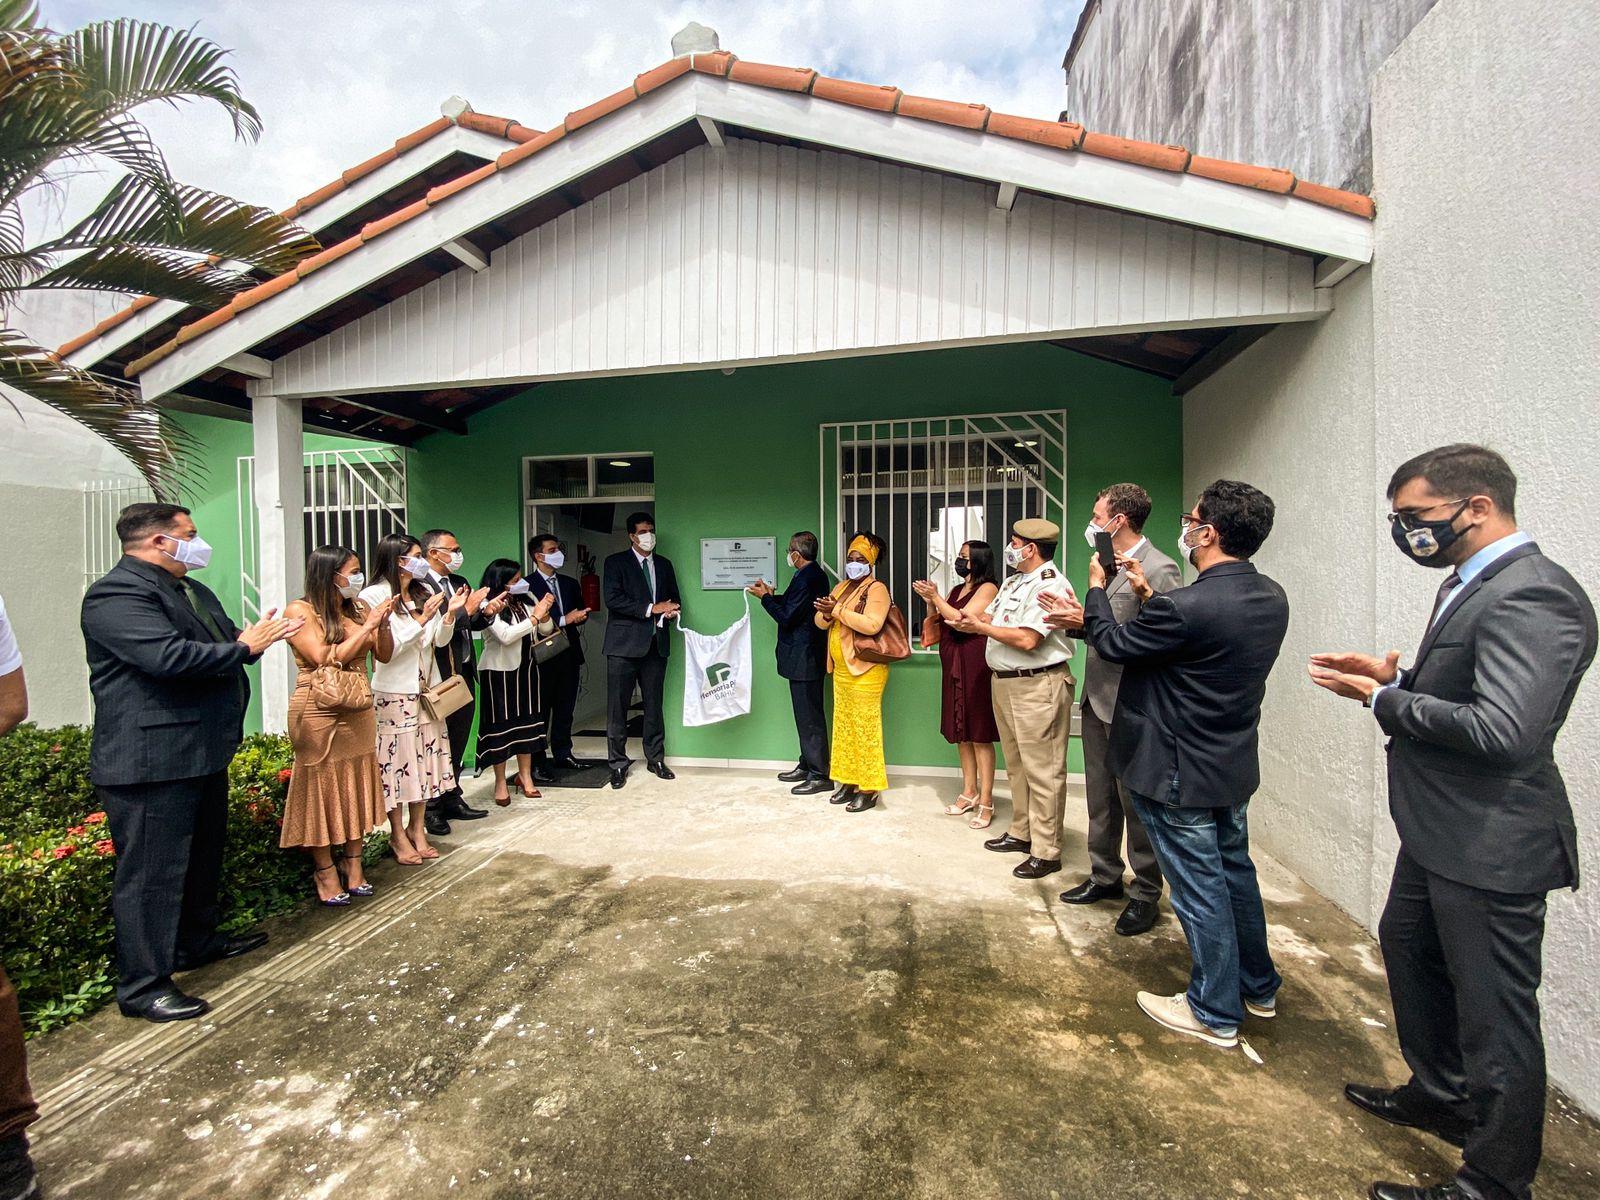 Placa de inauguração da unidade da DPE/BA em Ipiaú é descerrada por defensores públicos e autoridades da região   Foto: Rafael Flores - Ascom DPE/BA